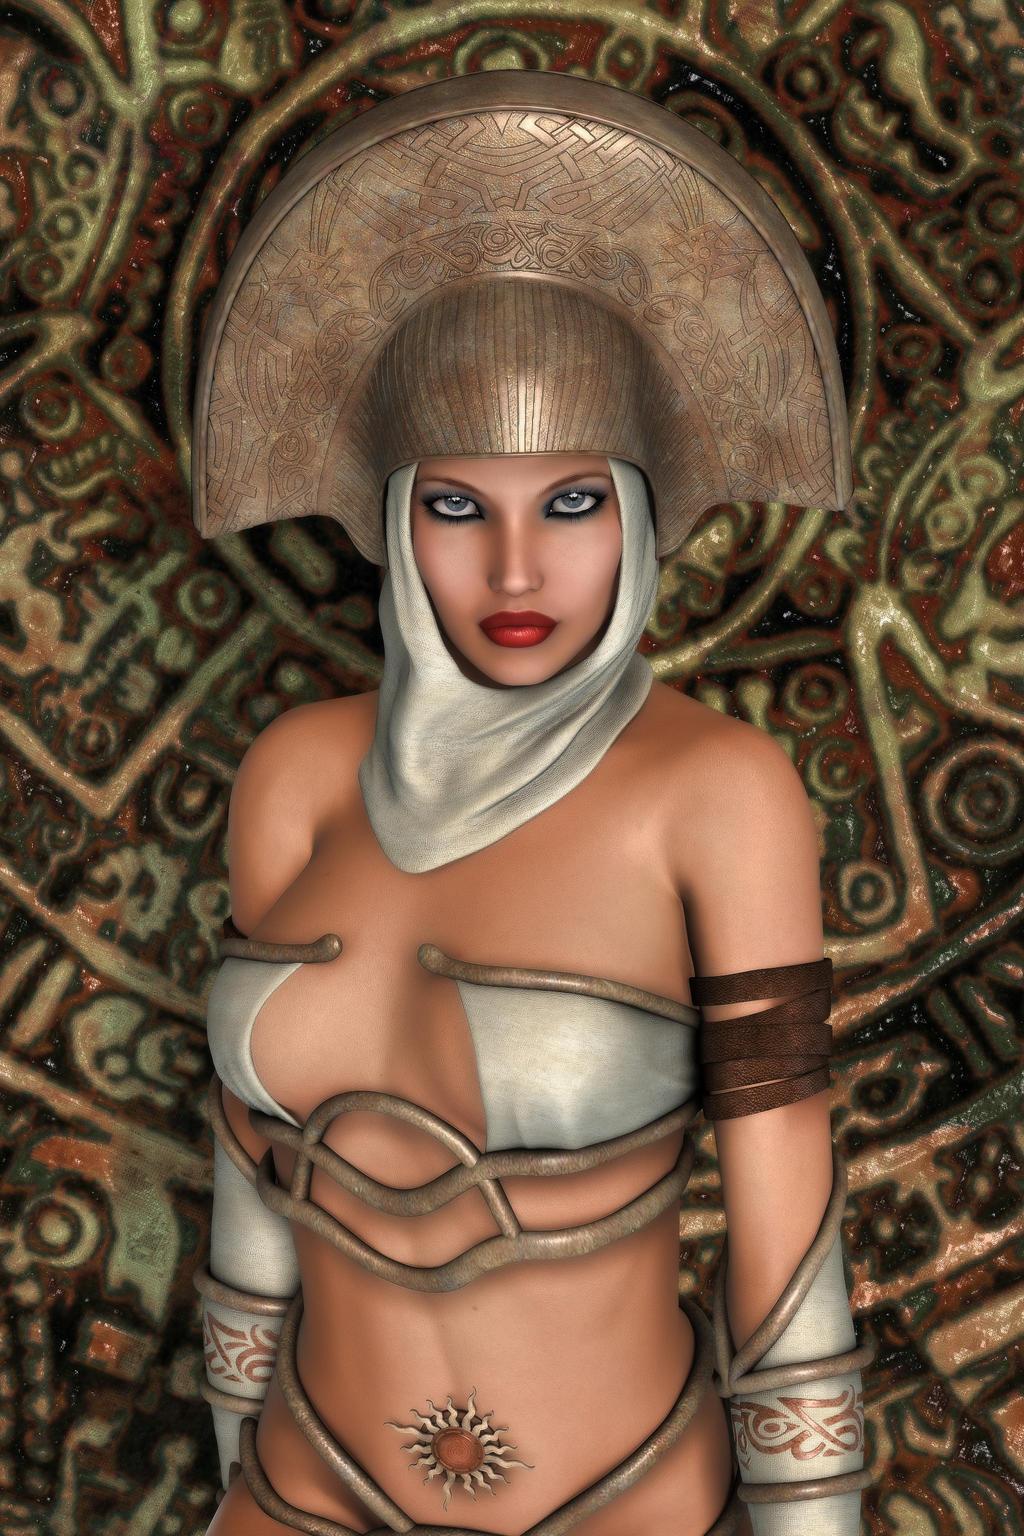 Priestess of the Sun by RGUS